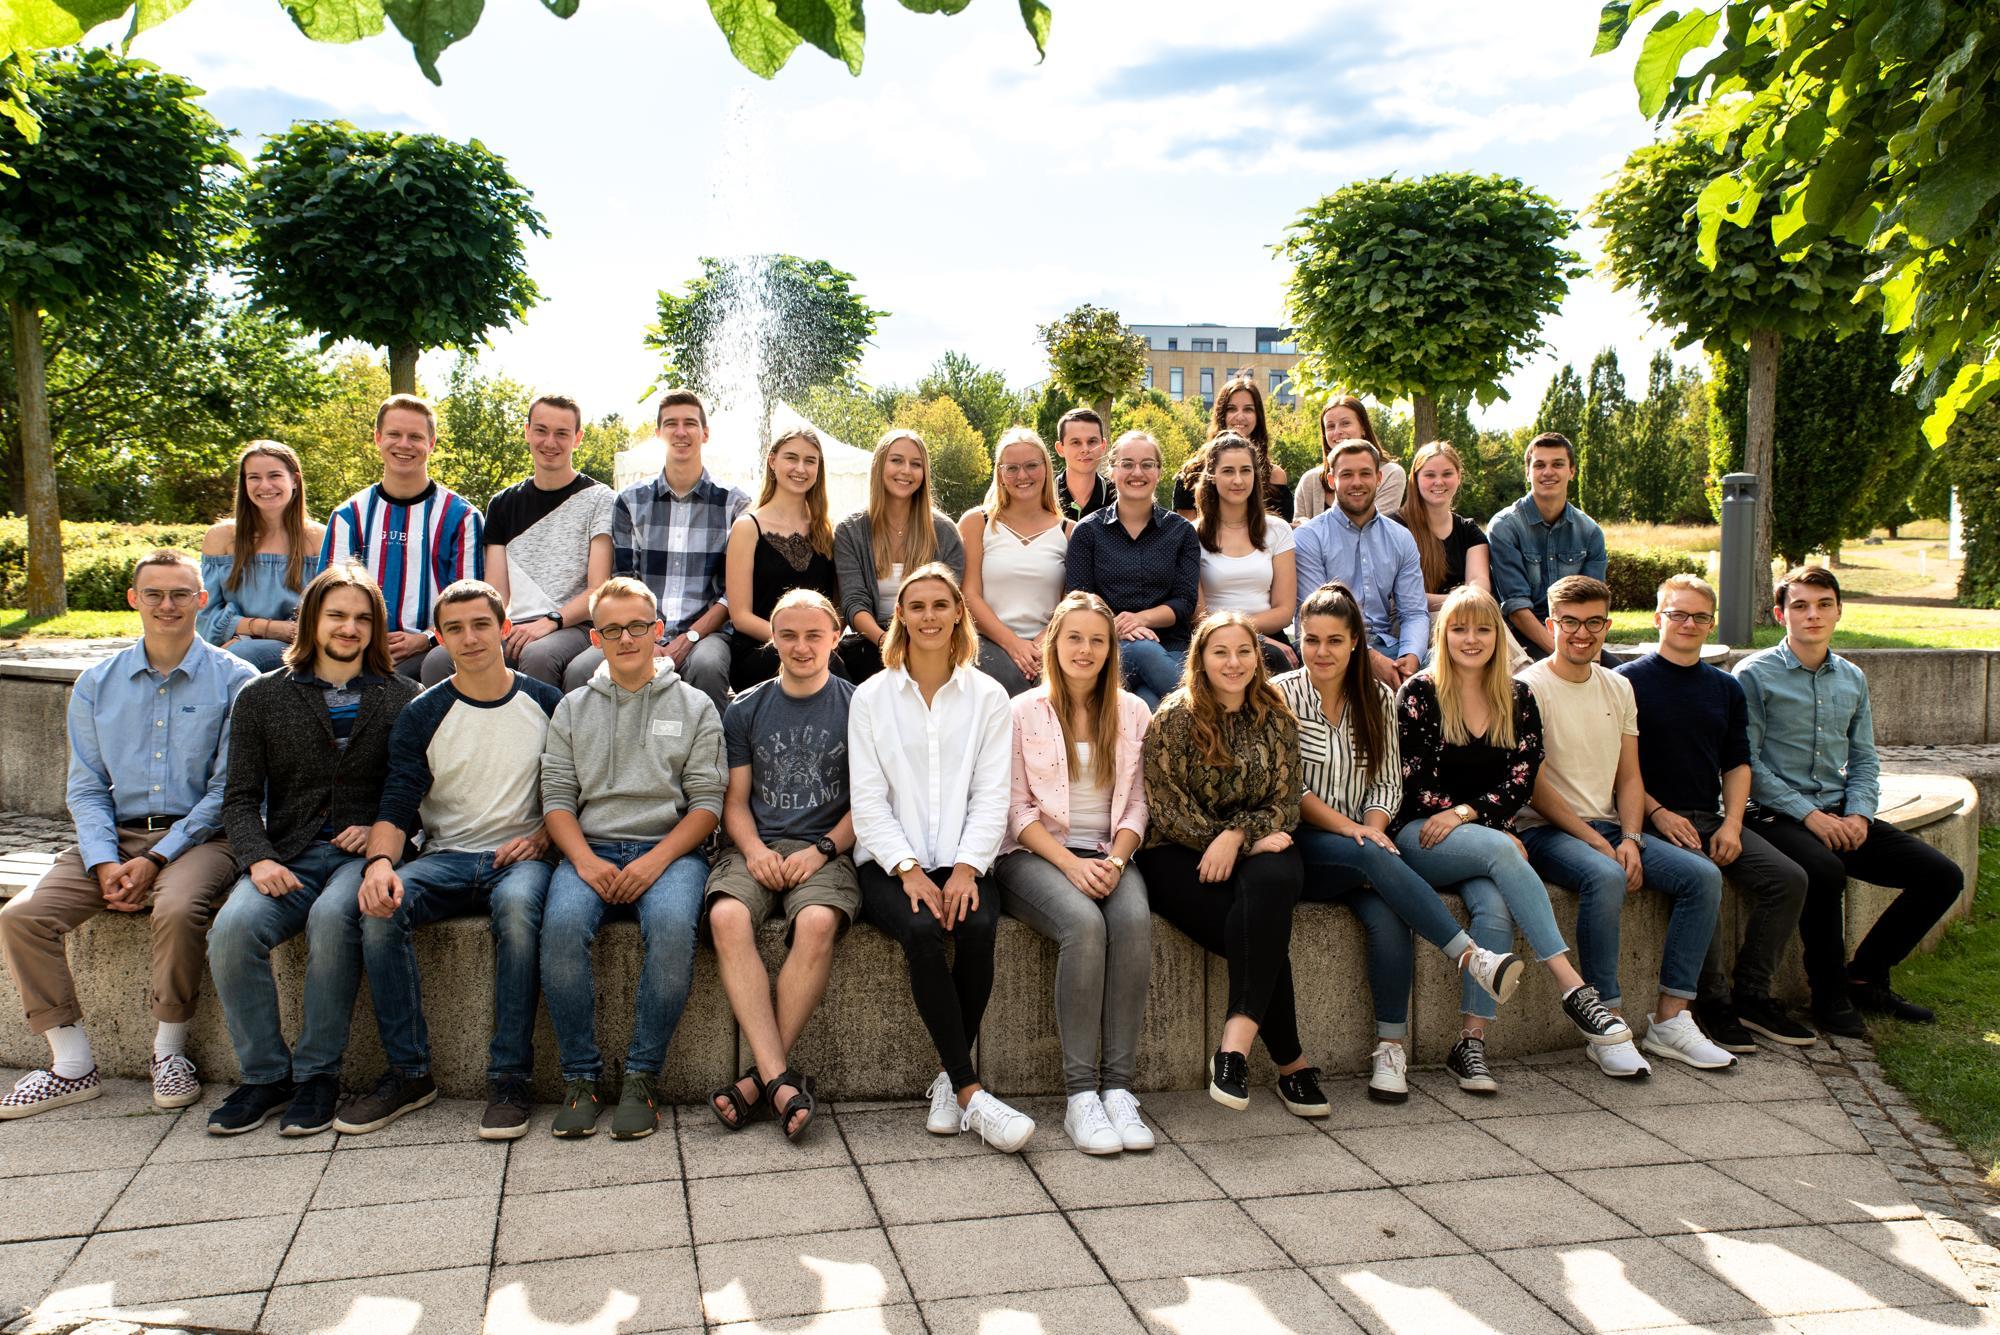 VRM Berufsausbildung: Auszubildende in Mainz; Fotograf Gregor Lieber